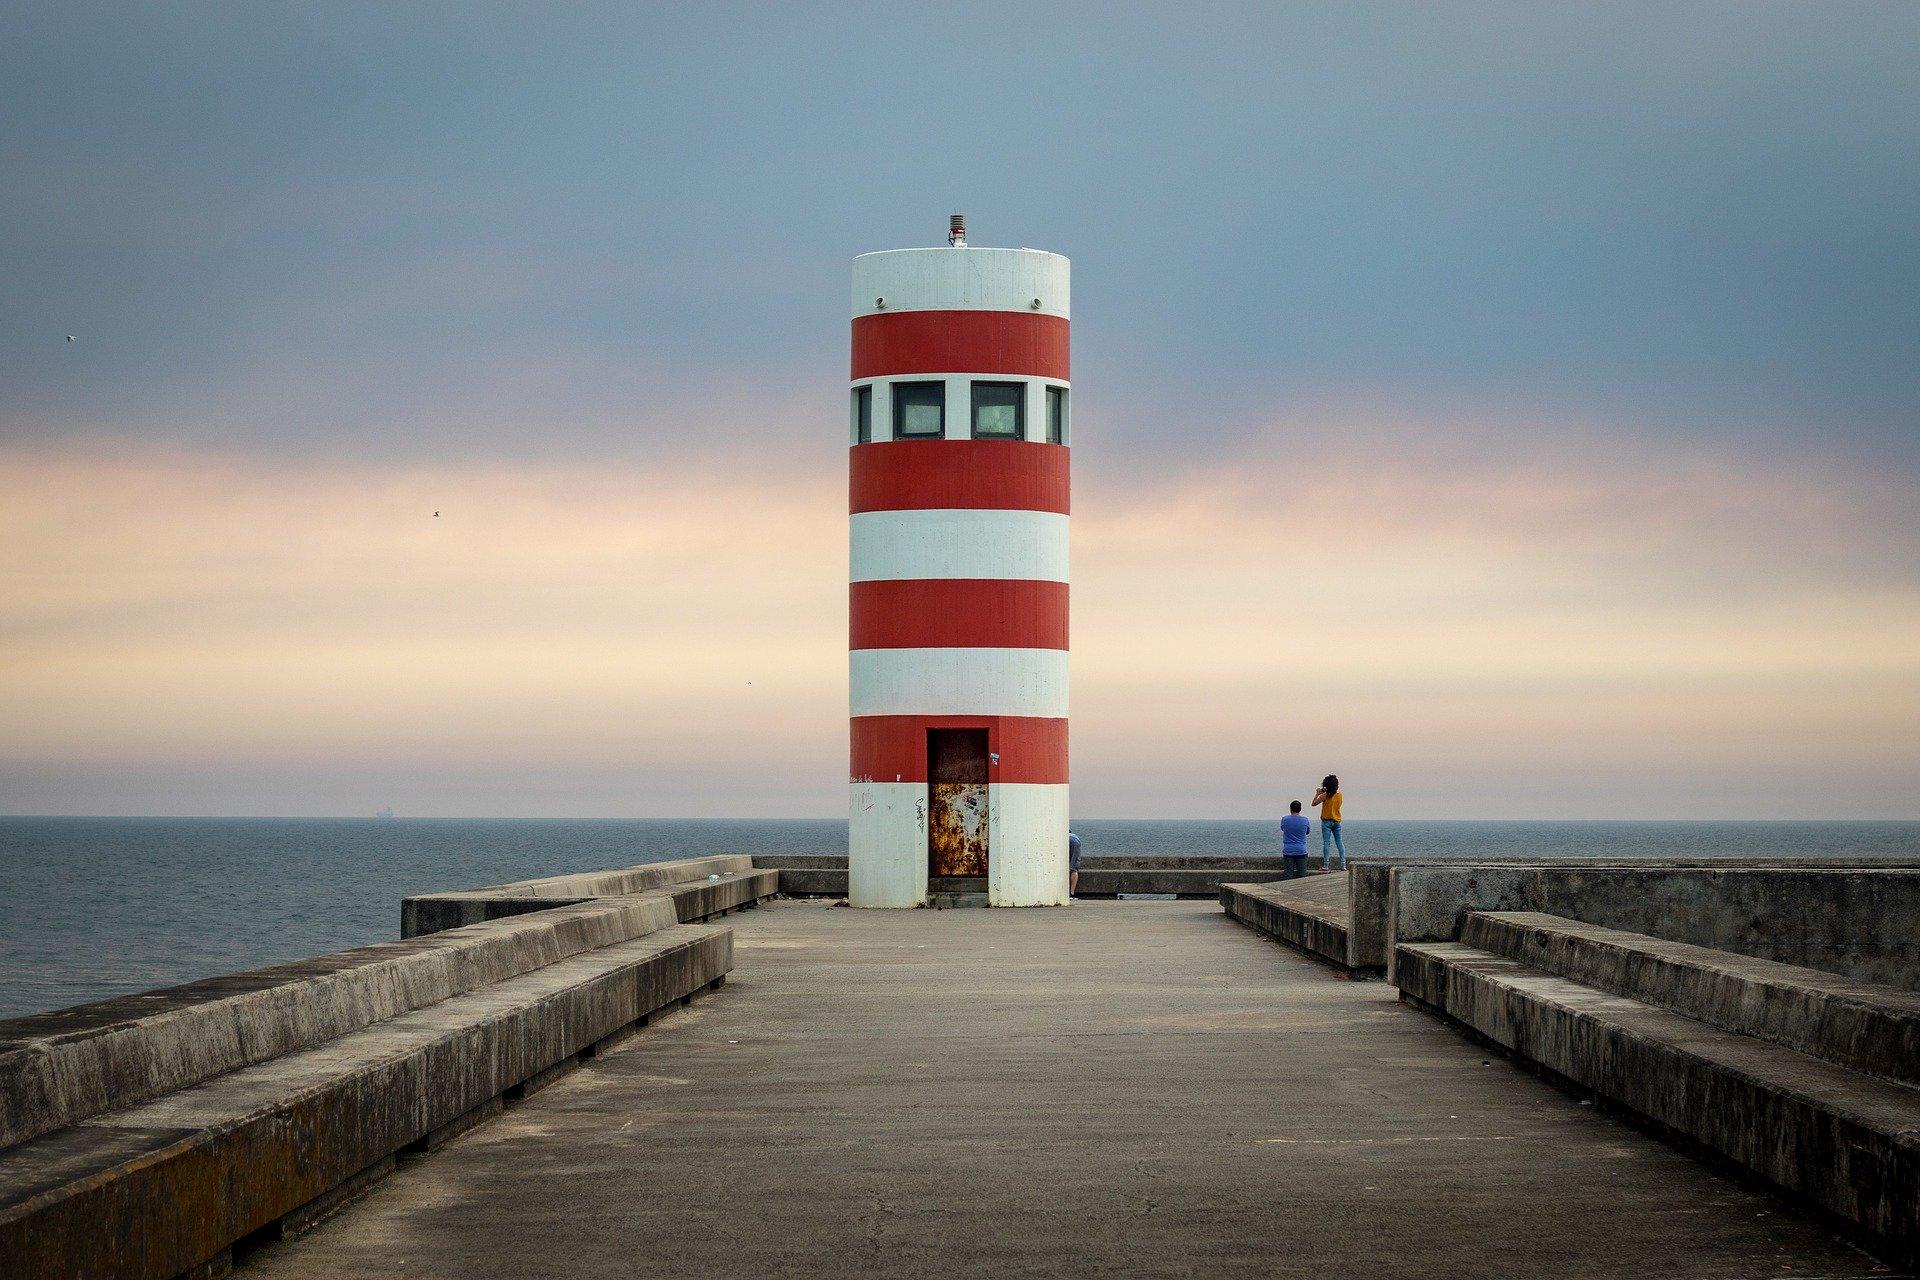 Conheça os quatro perfis dos compradores online em Portugal